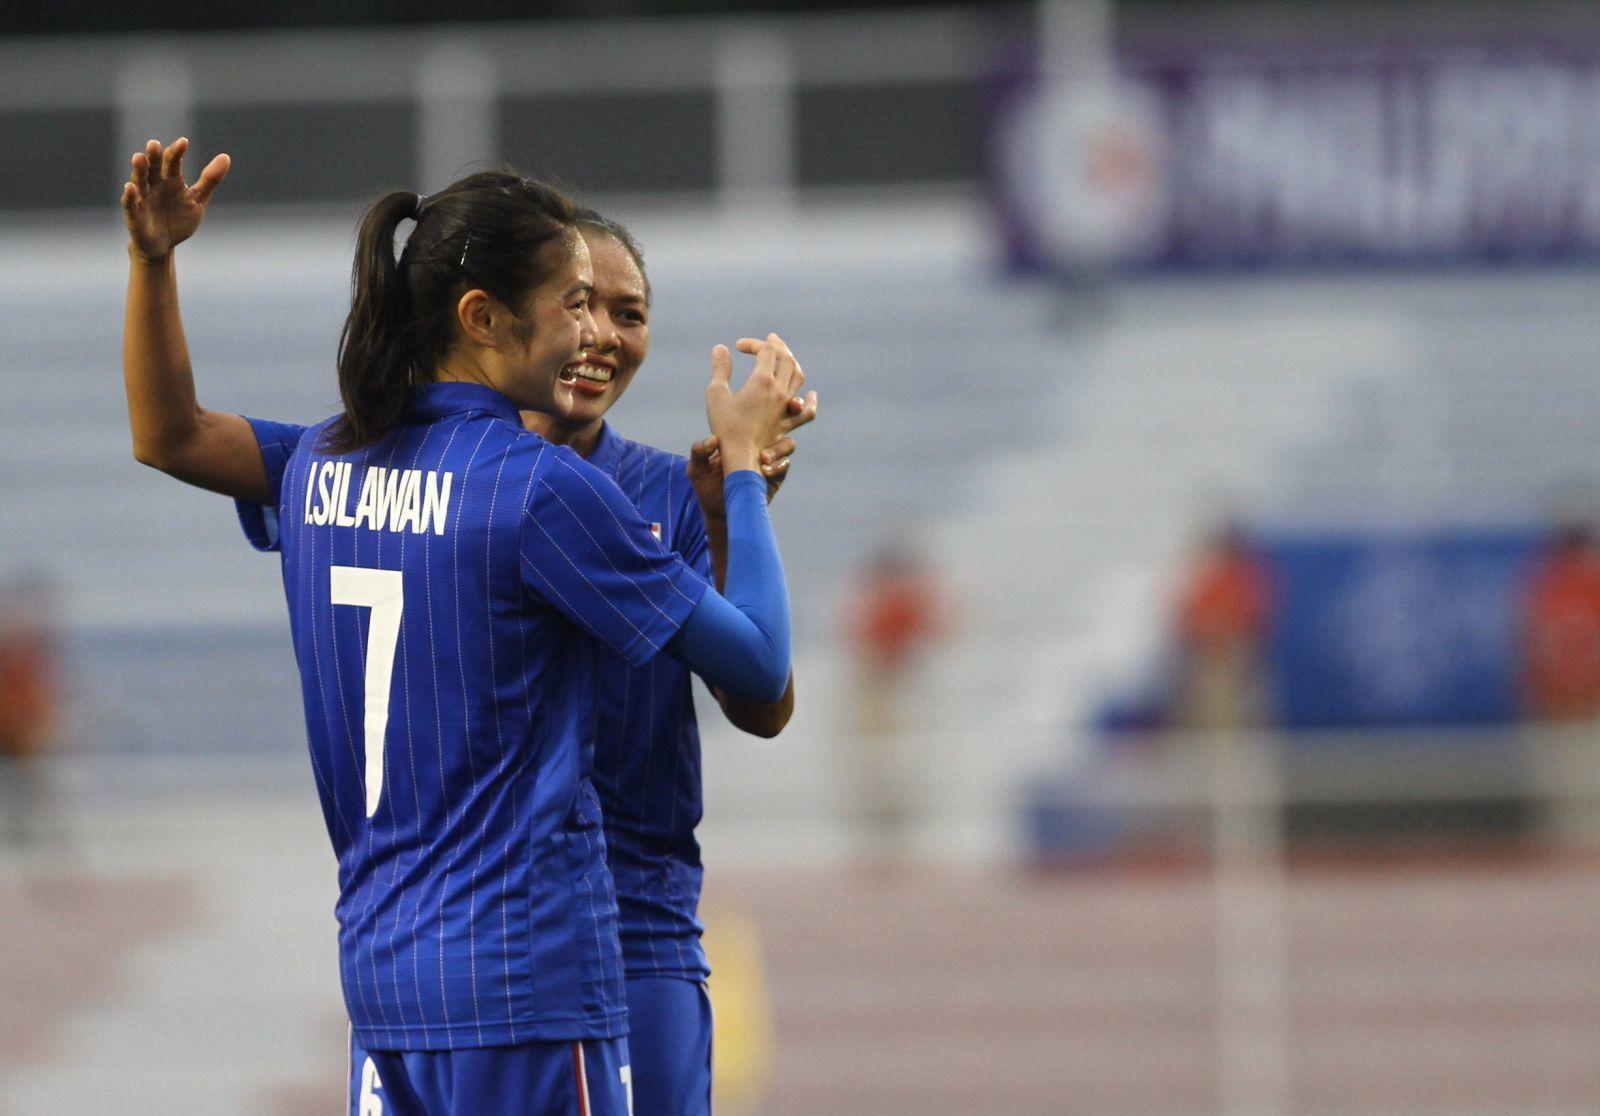 Bán kết bóng đá nữ: Việt Nam gặp Philippines